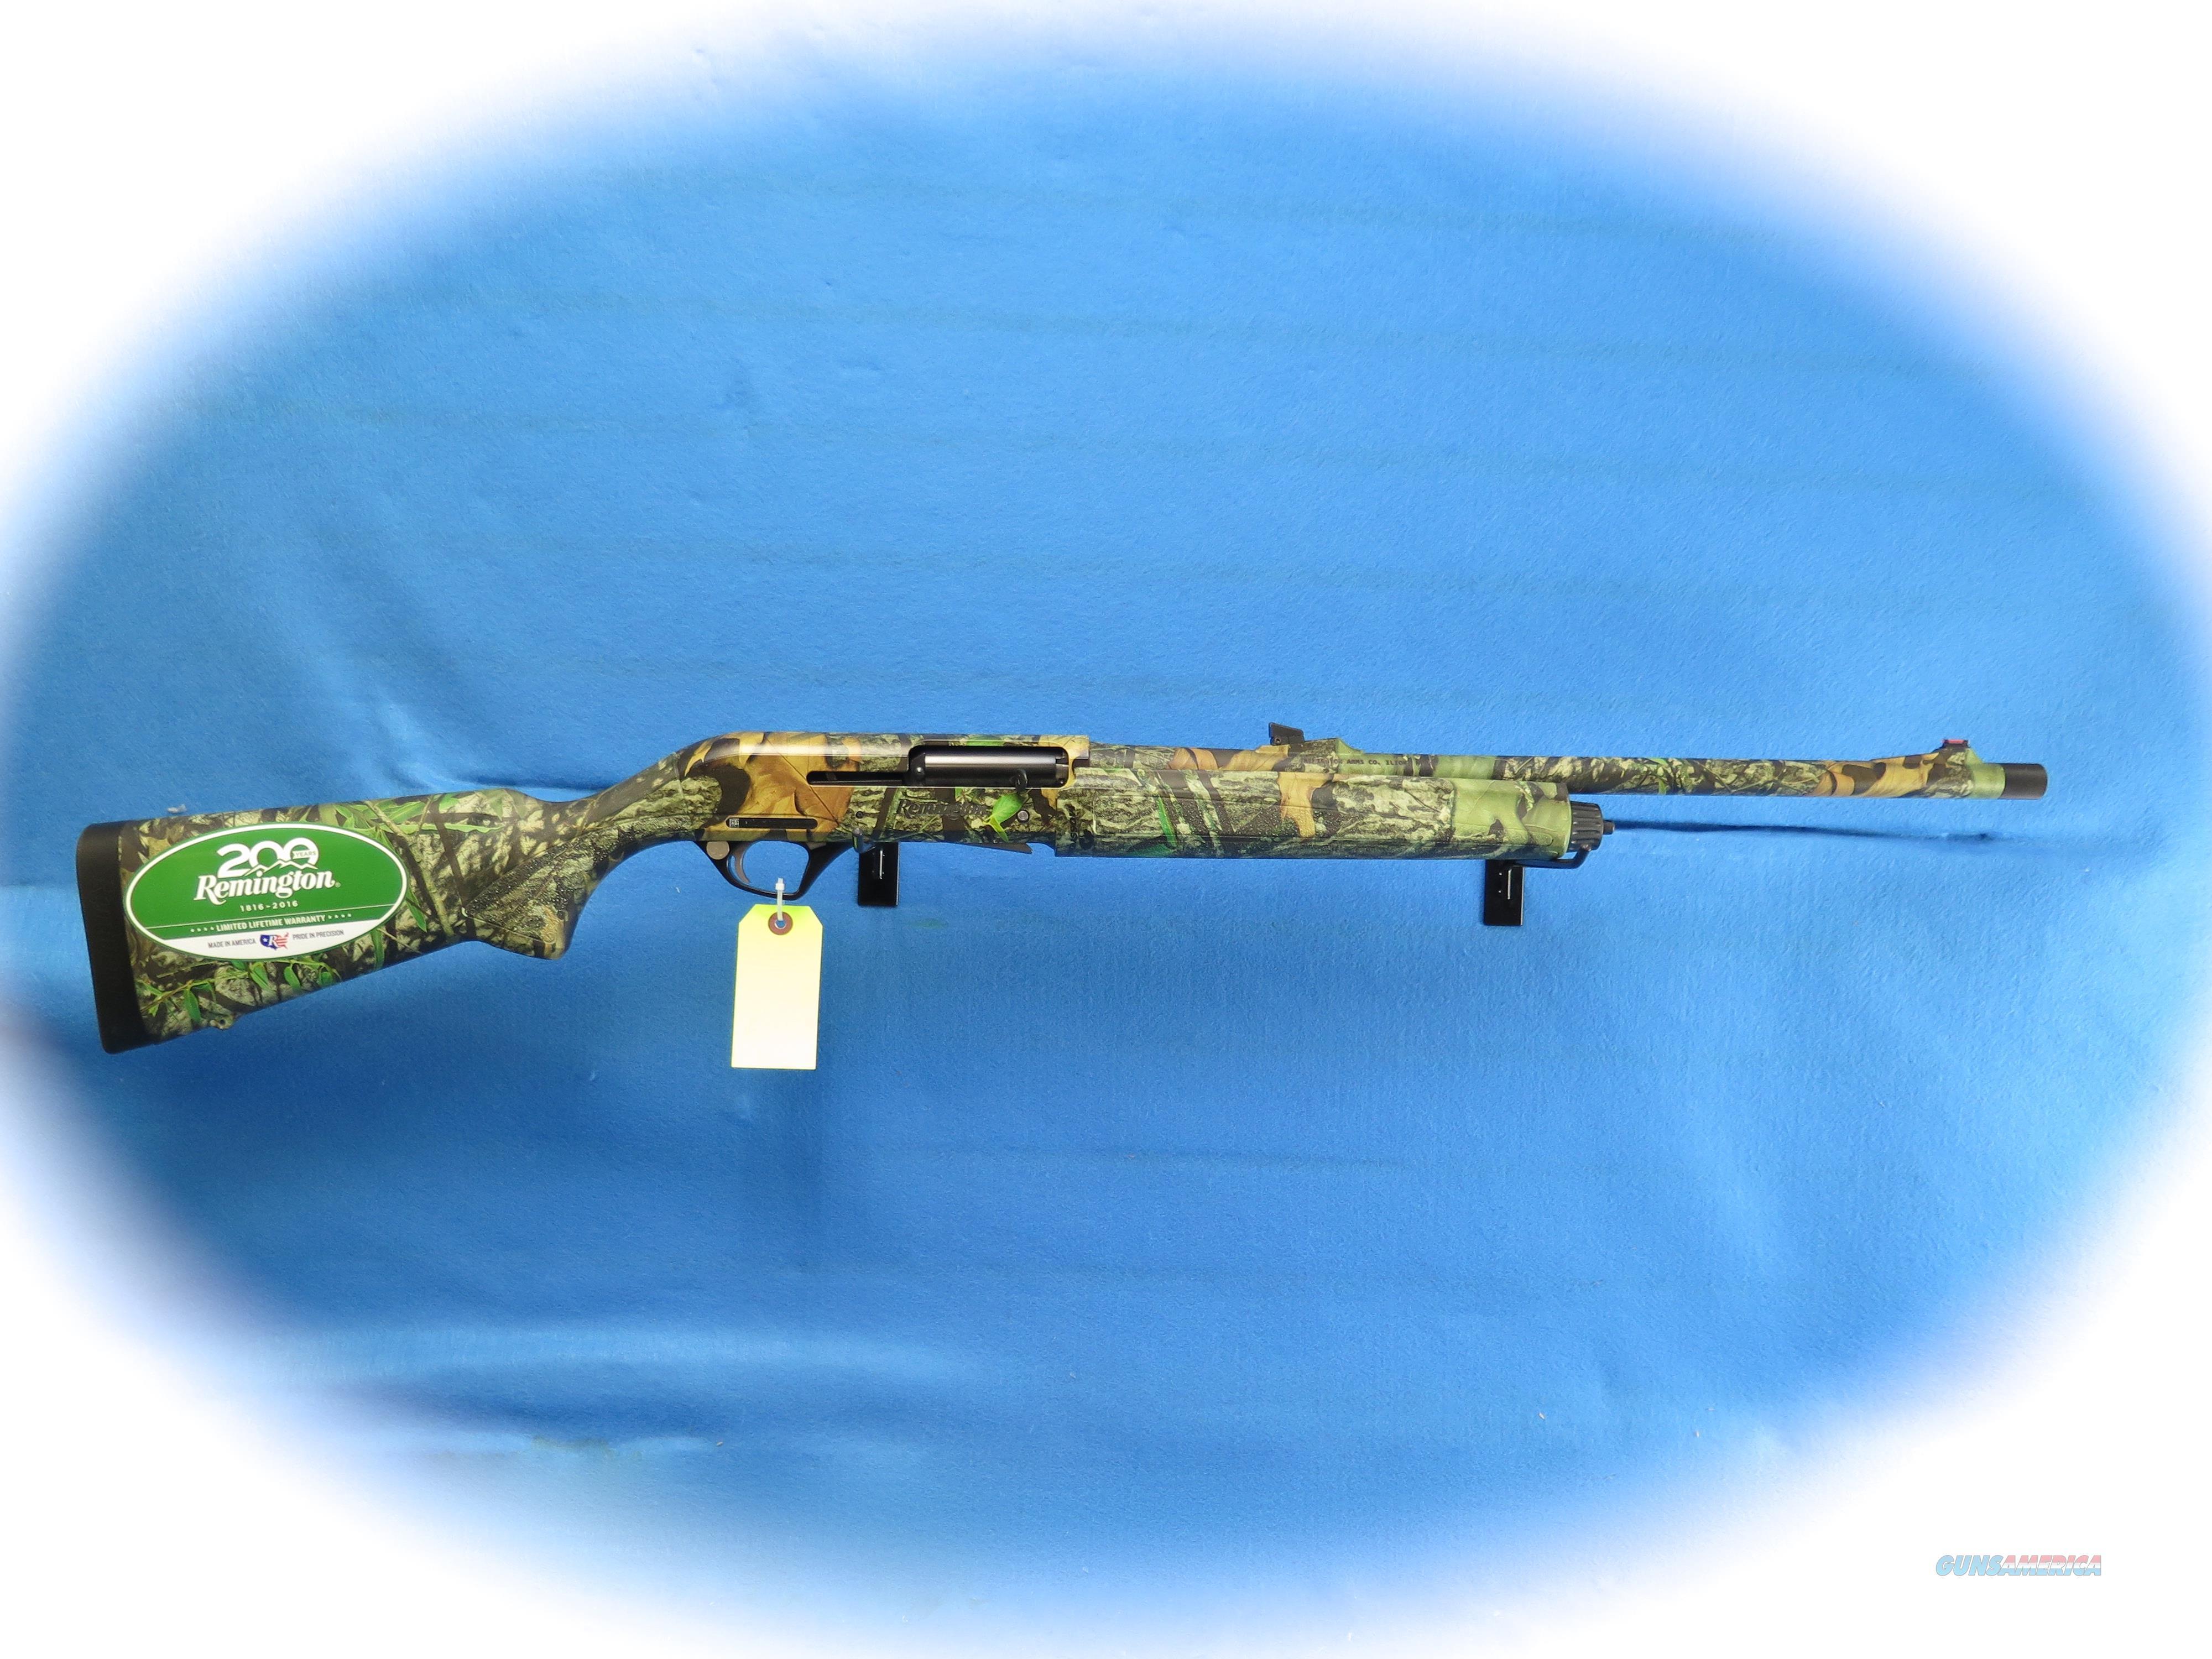 Remington Versa Max Sportsman Turkey 12 Ga. Shotgun, 22 inch barrel.  Model 81028 **New**  Guns > Shotguns > Remington Shotguns  > Autoloaders > Hunting